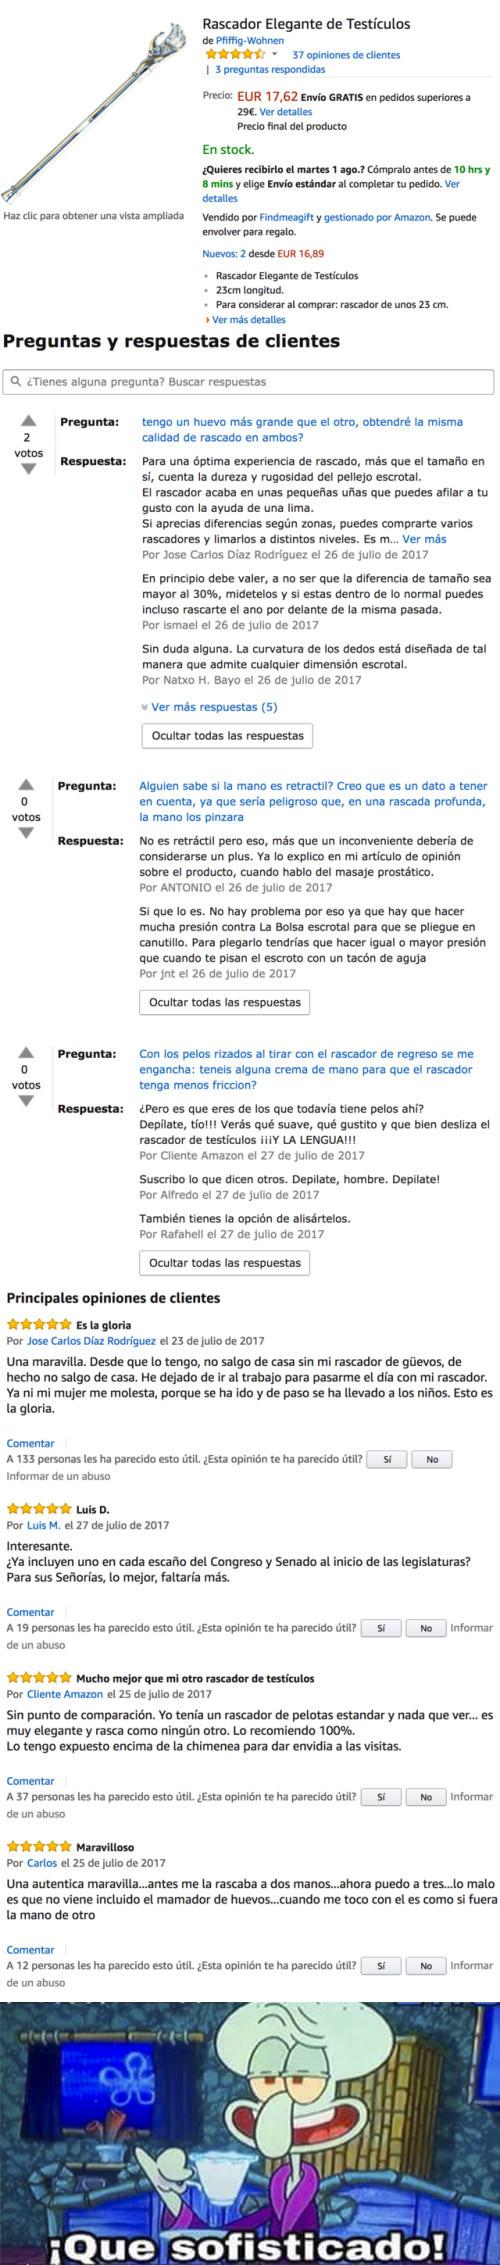 Meme_otros - Venden un rascador de huevos en Amazon y los comentarios es lo mejor que has leído en mucho tiempo